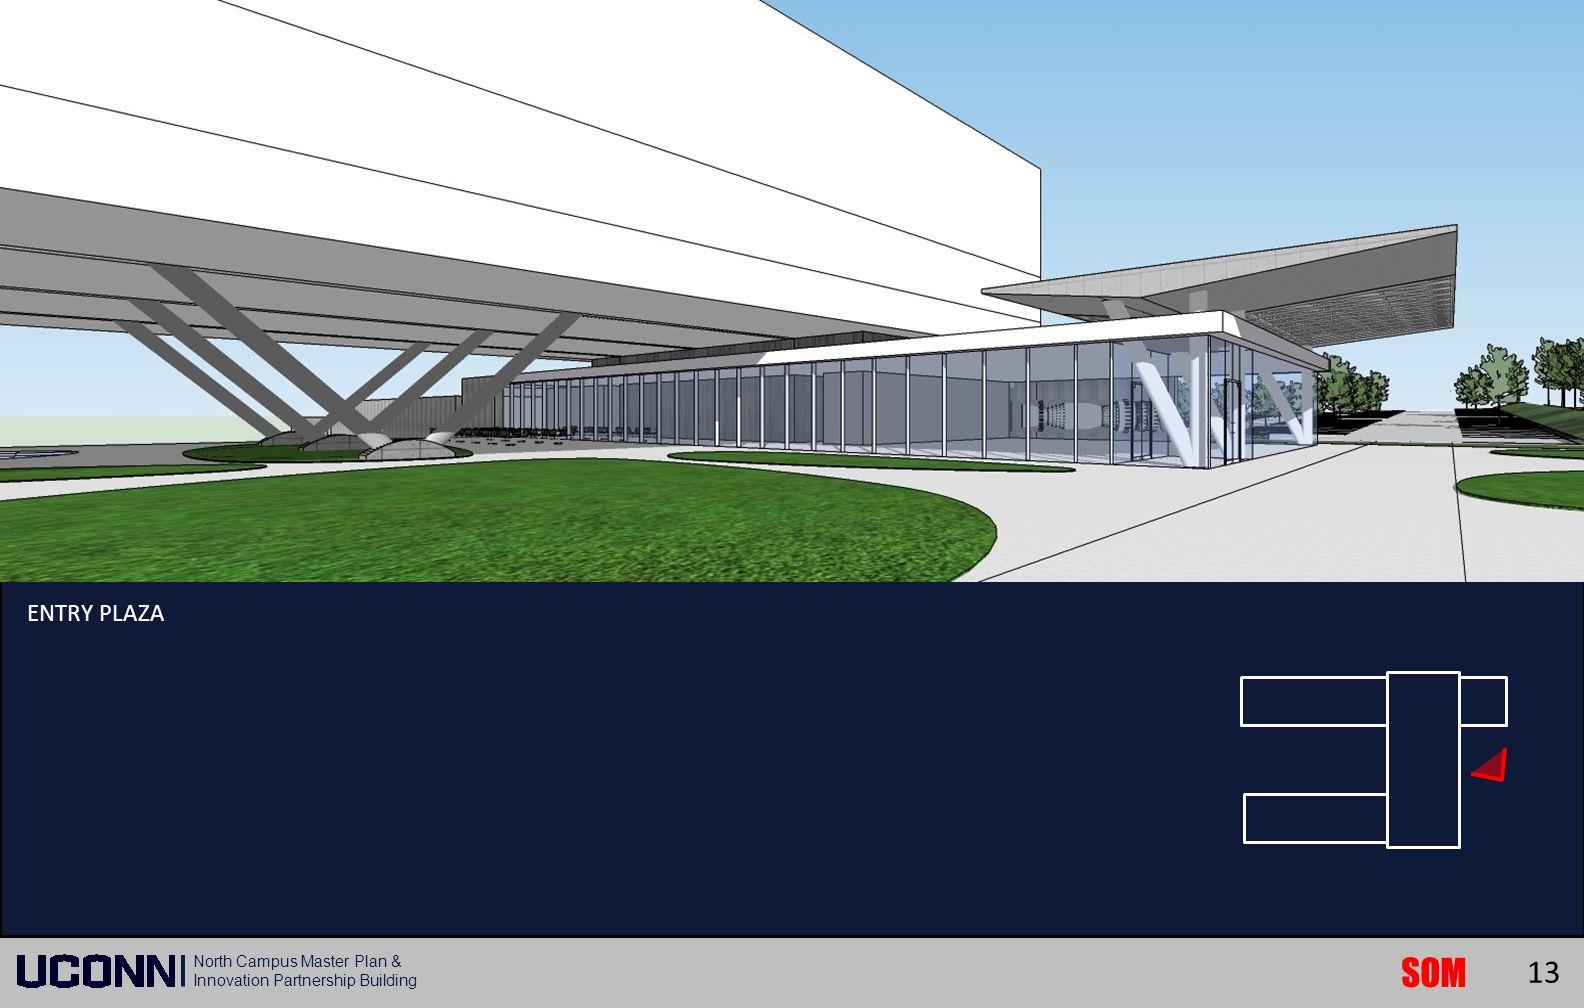 SOM North Campus Master Plan & Innovation Partnership Building ENTRY PLAZA 13